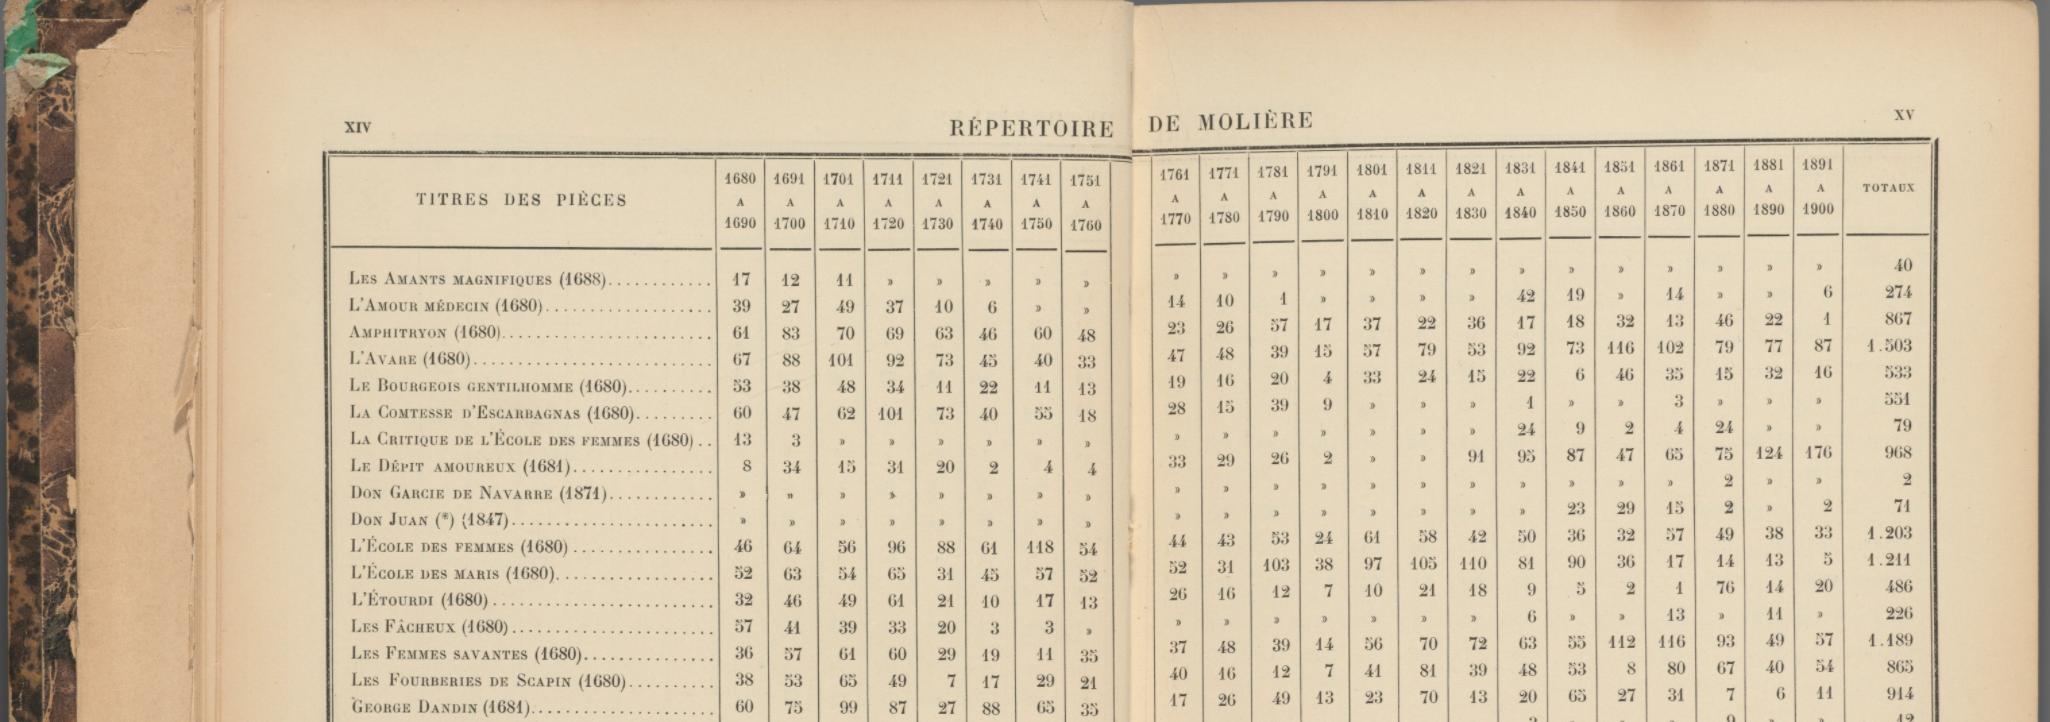 La Comédie-Française par les chiffres, 1752–2020